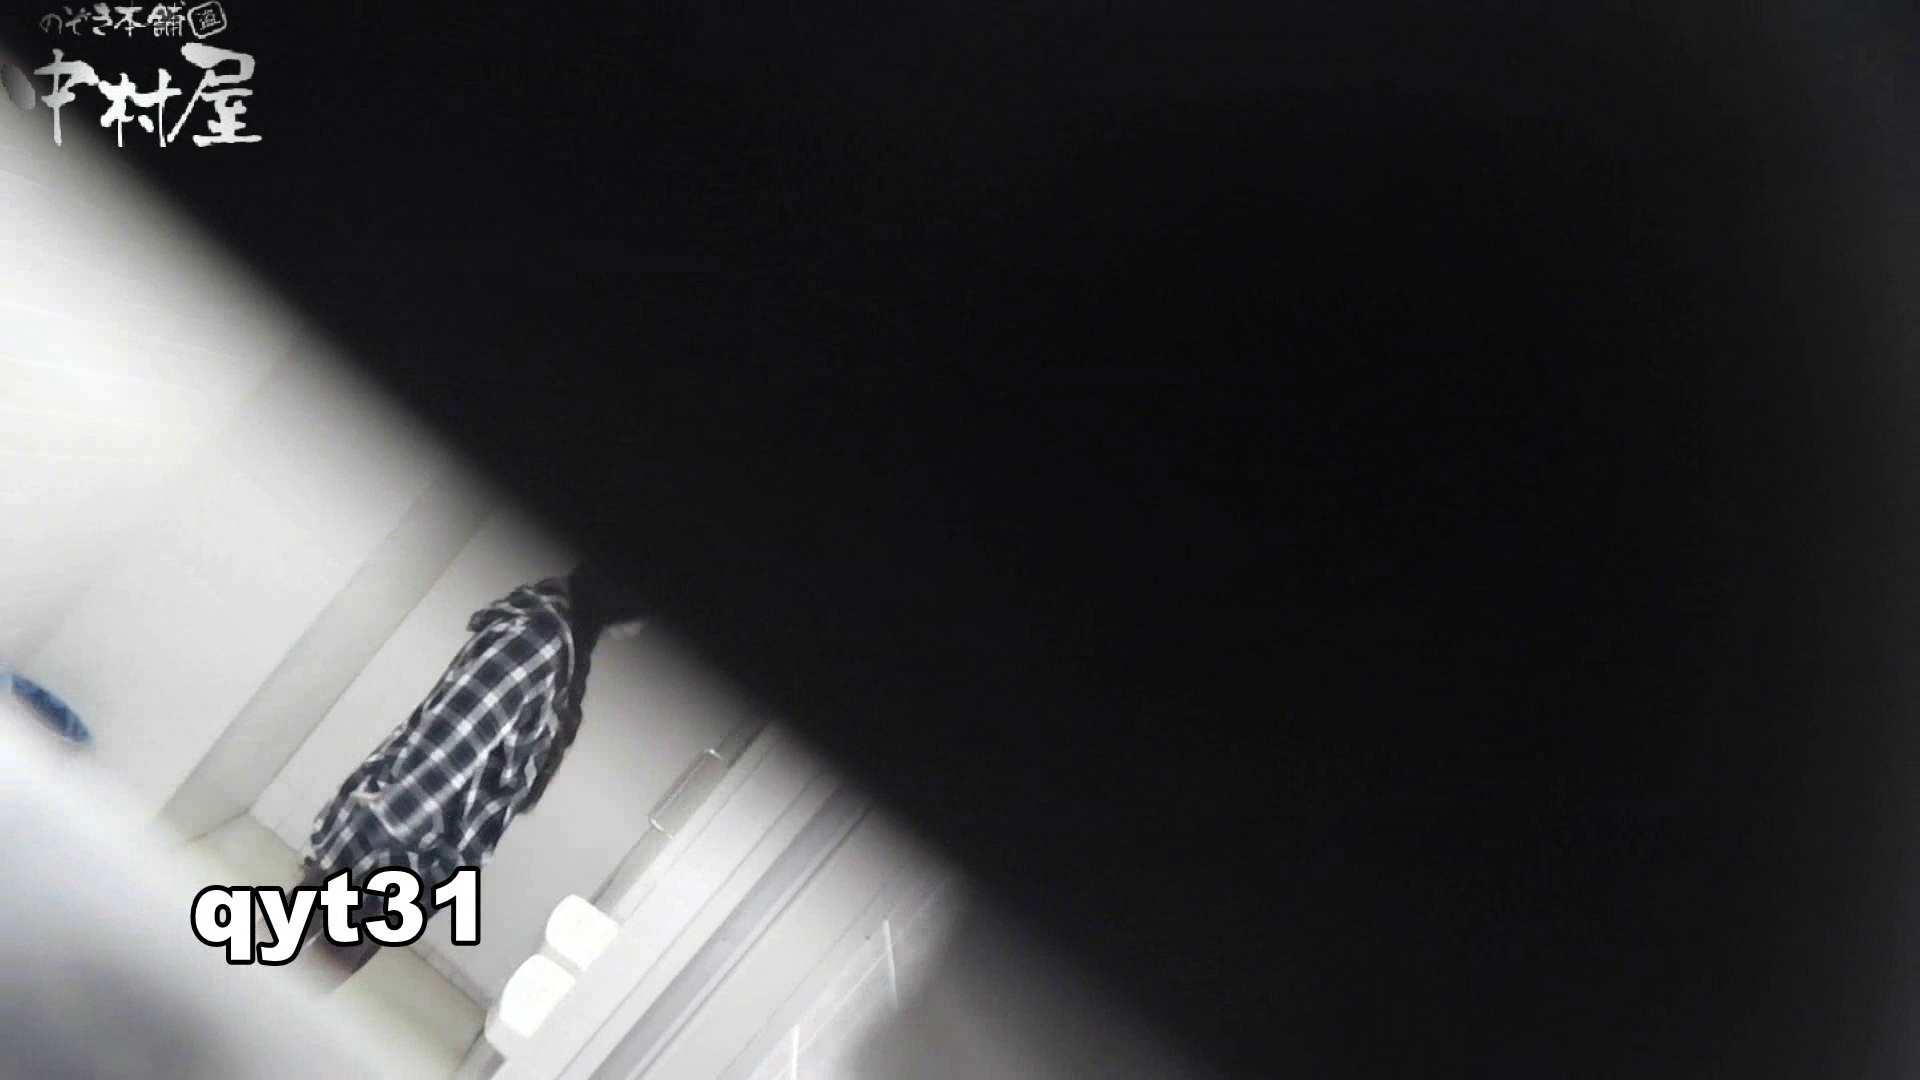 【お銀さんの「洗面所突入レポート!!」】お銀さんの「洗面所突入レポート!!」 vol.31 Σ(||゚Д゚)ヒィ~!! 洗面所 | 綺麗なOLたち  71枚 37